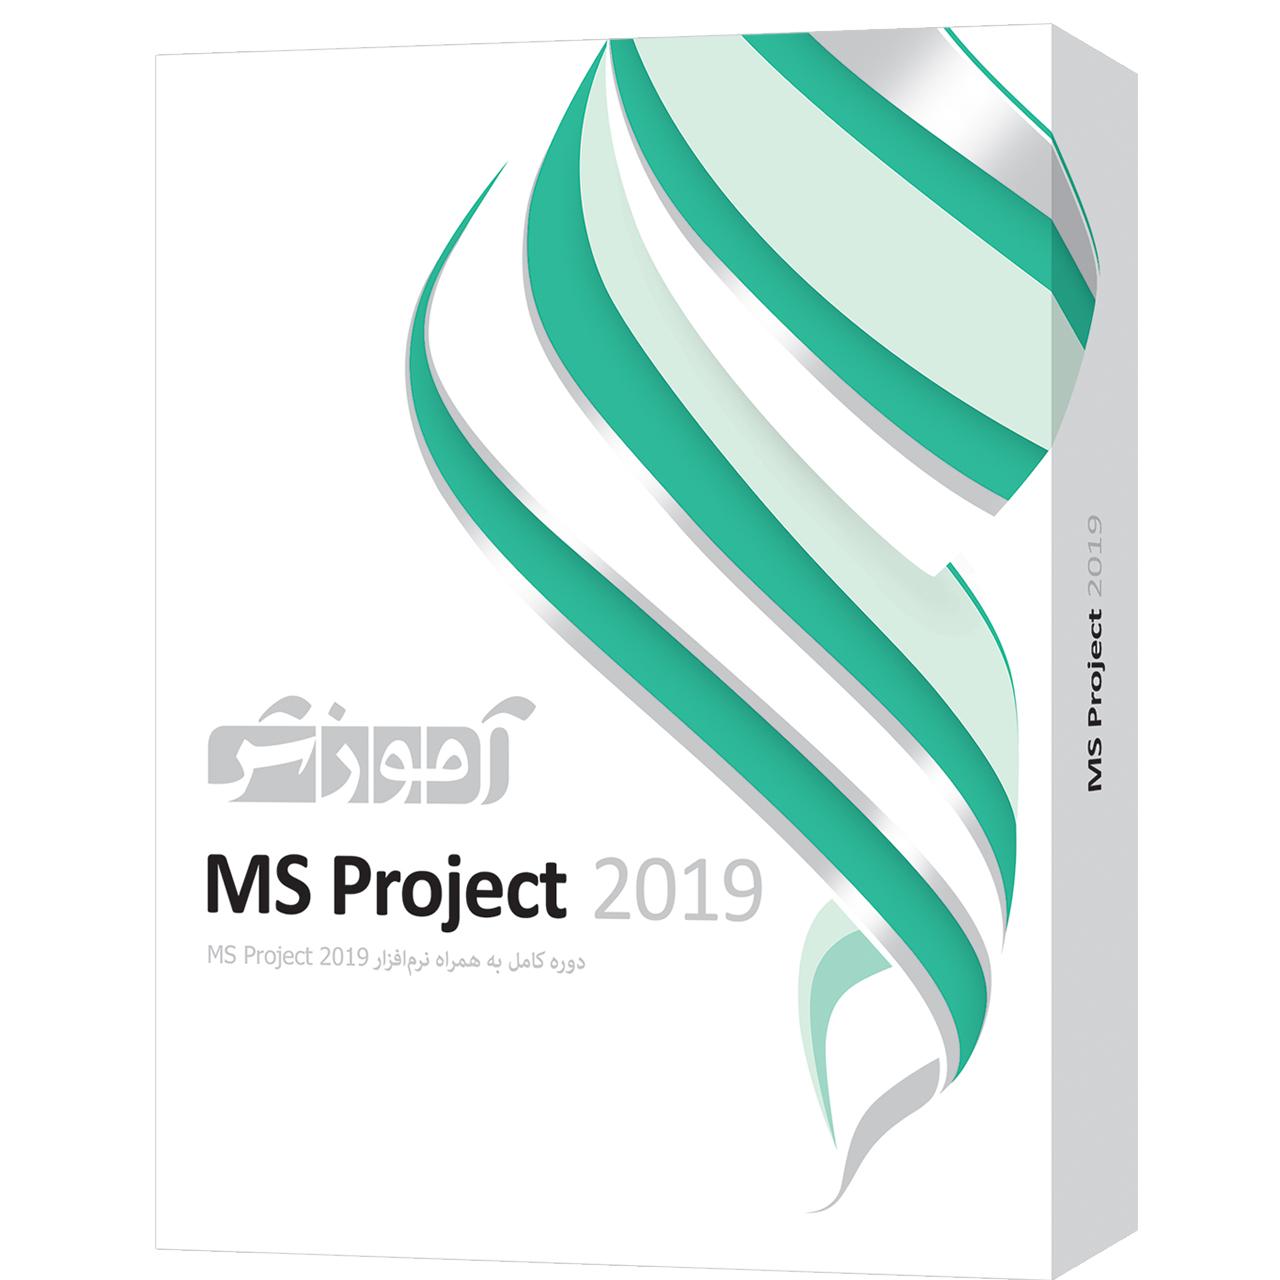 نرم افزار آموزشی Ms Project 2019 شرکت پرند